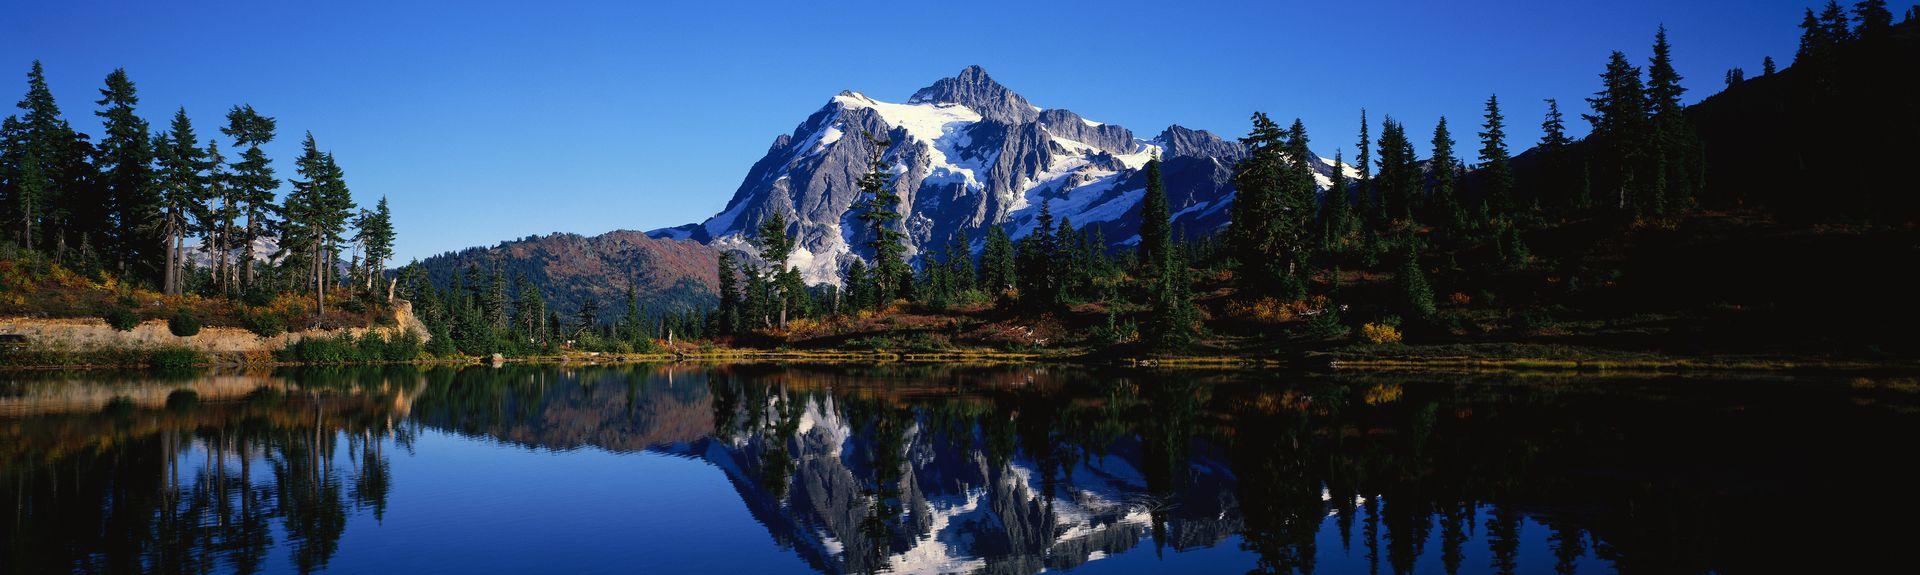 Cascade Range, WA, USA